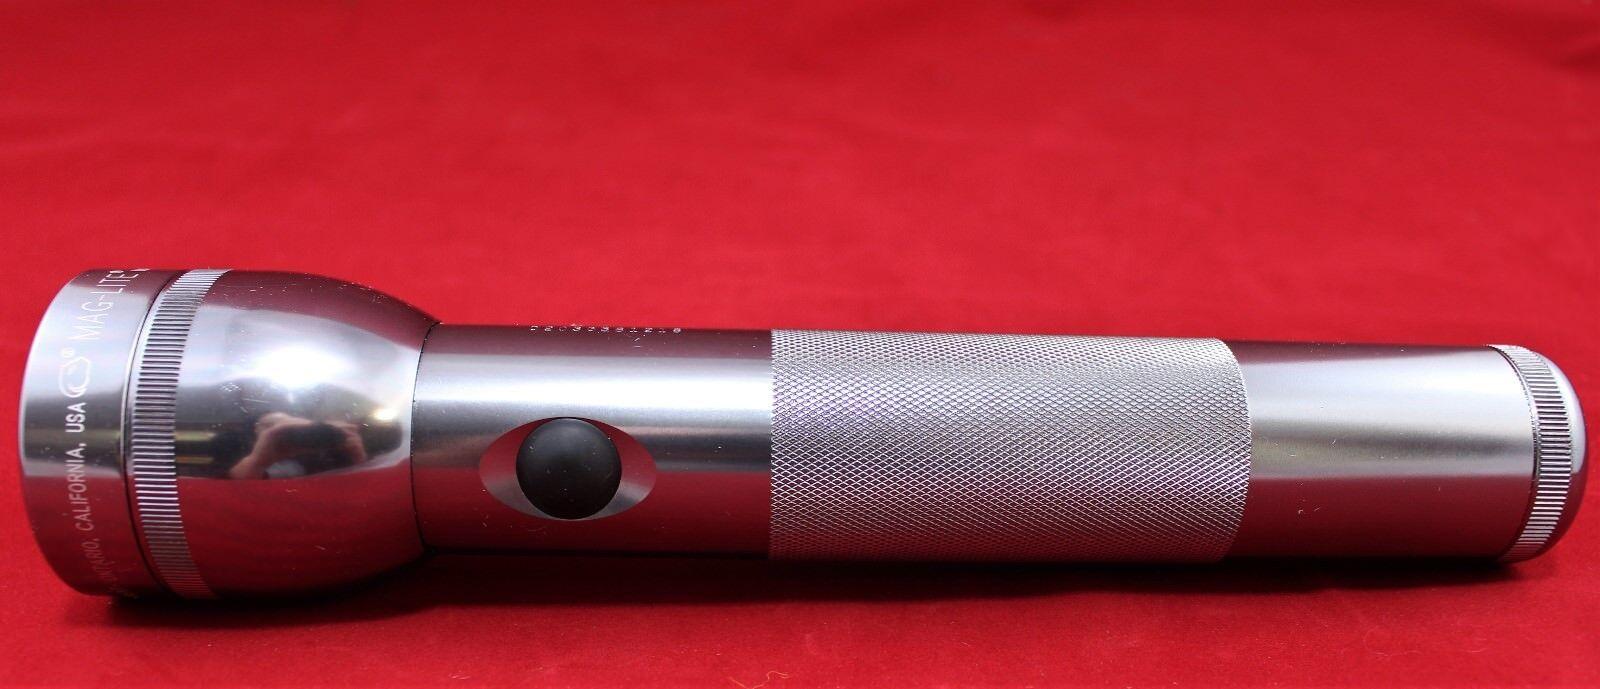 Mag-Lite Taschenlampe Stabtaschenlampe MagLite USA D2030581218 - wie NEU    Elegante und robuste Verpackung